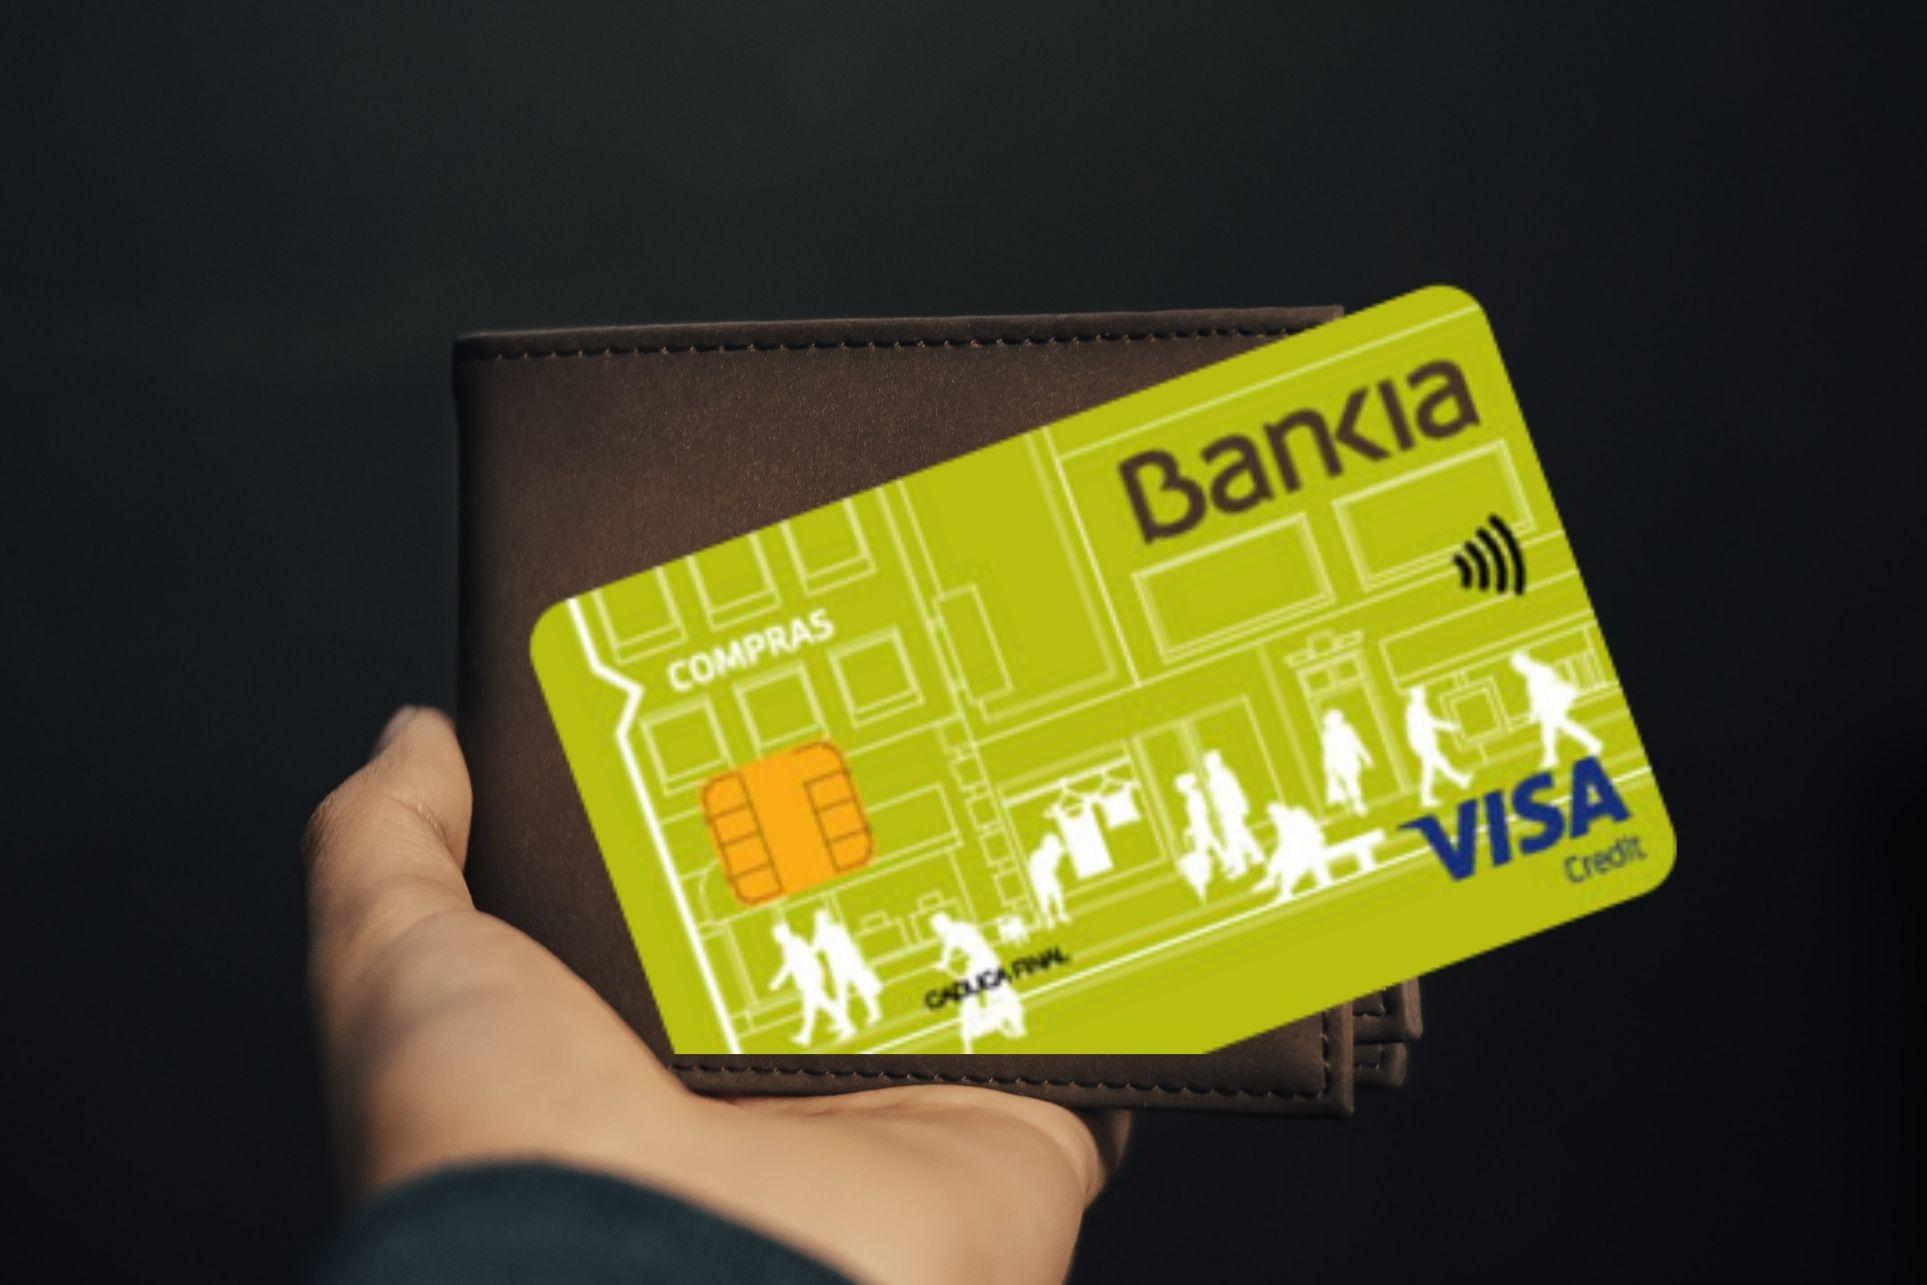 Cómo Reclamar Tarjeta Revolving Compras Bankia por Interés Usurario